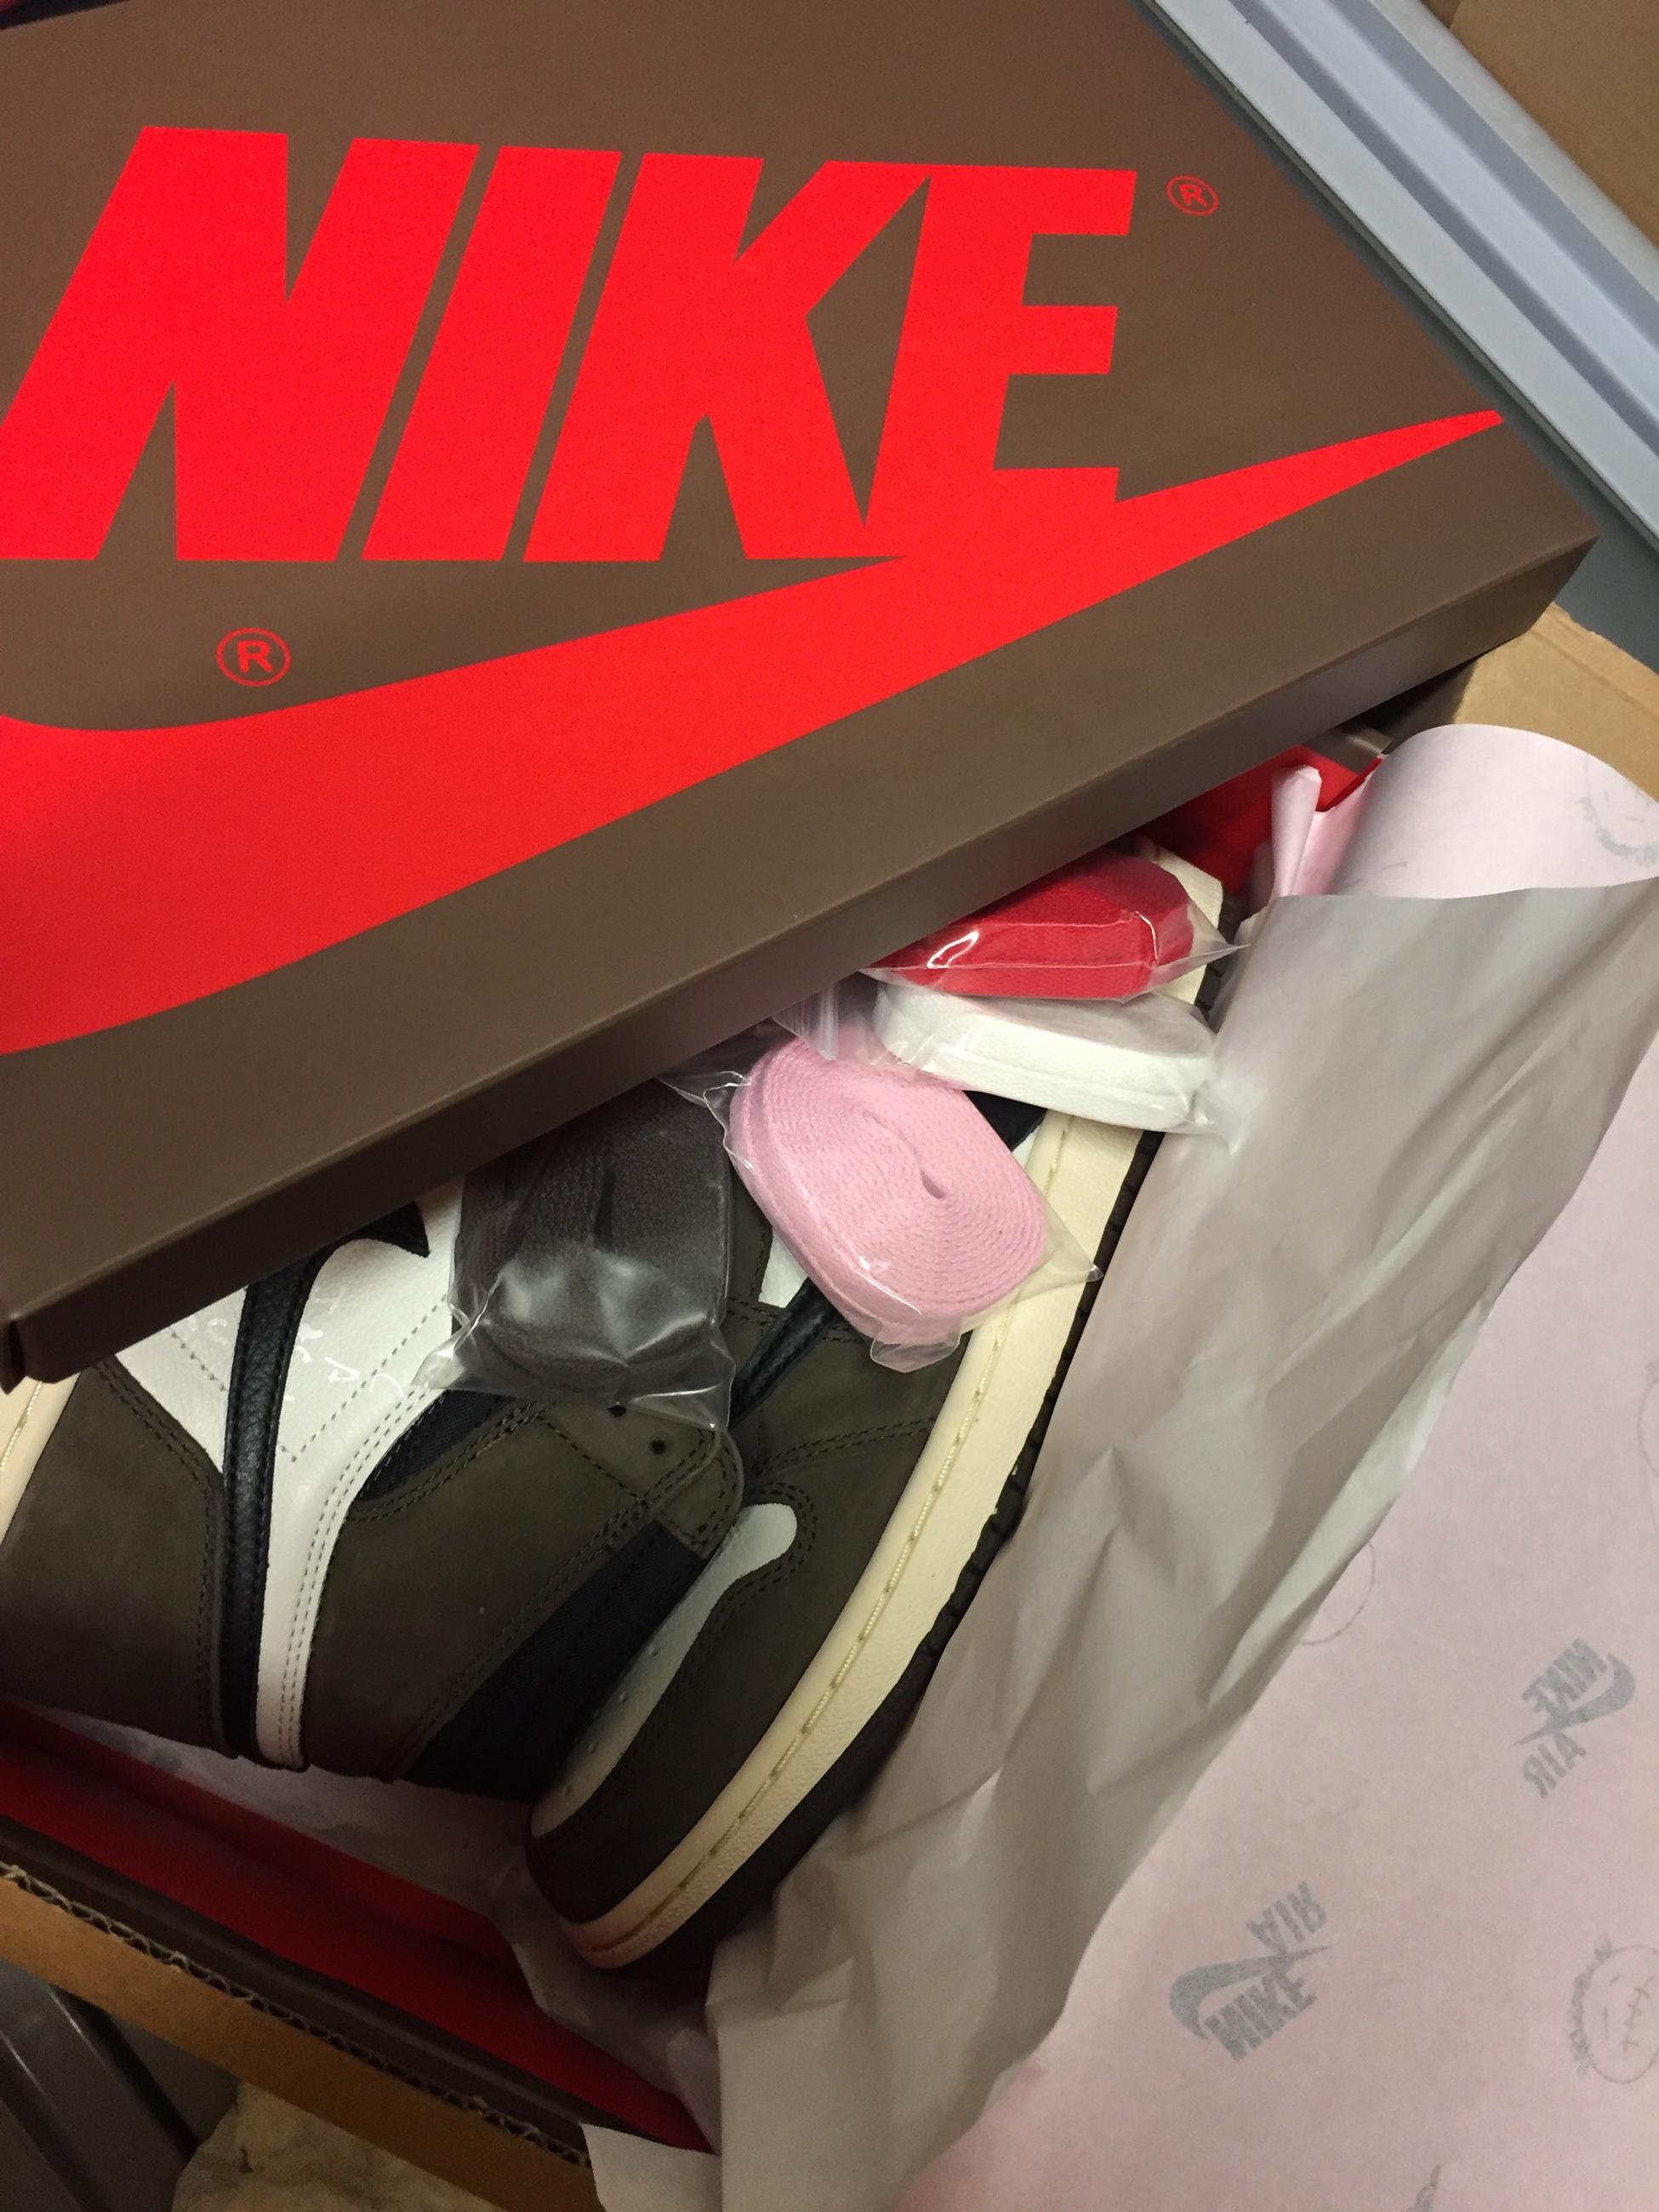 b8bfa421228 Nike air Jordan 1 Travis Scott US 8.5 - Meetapp